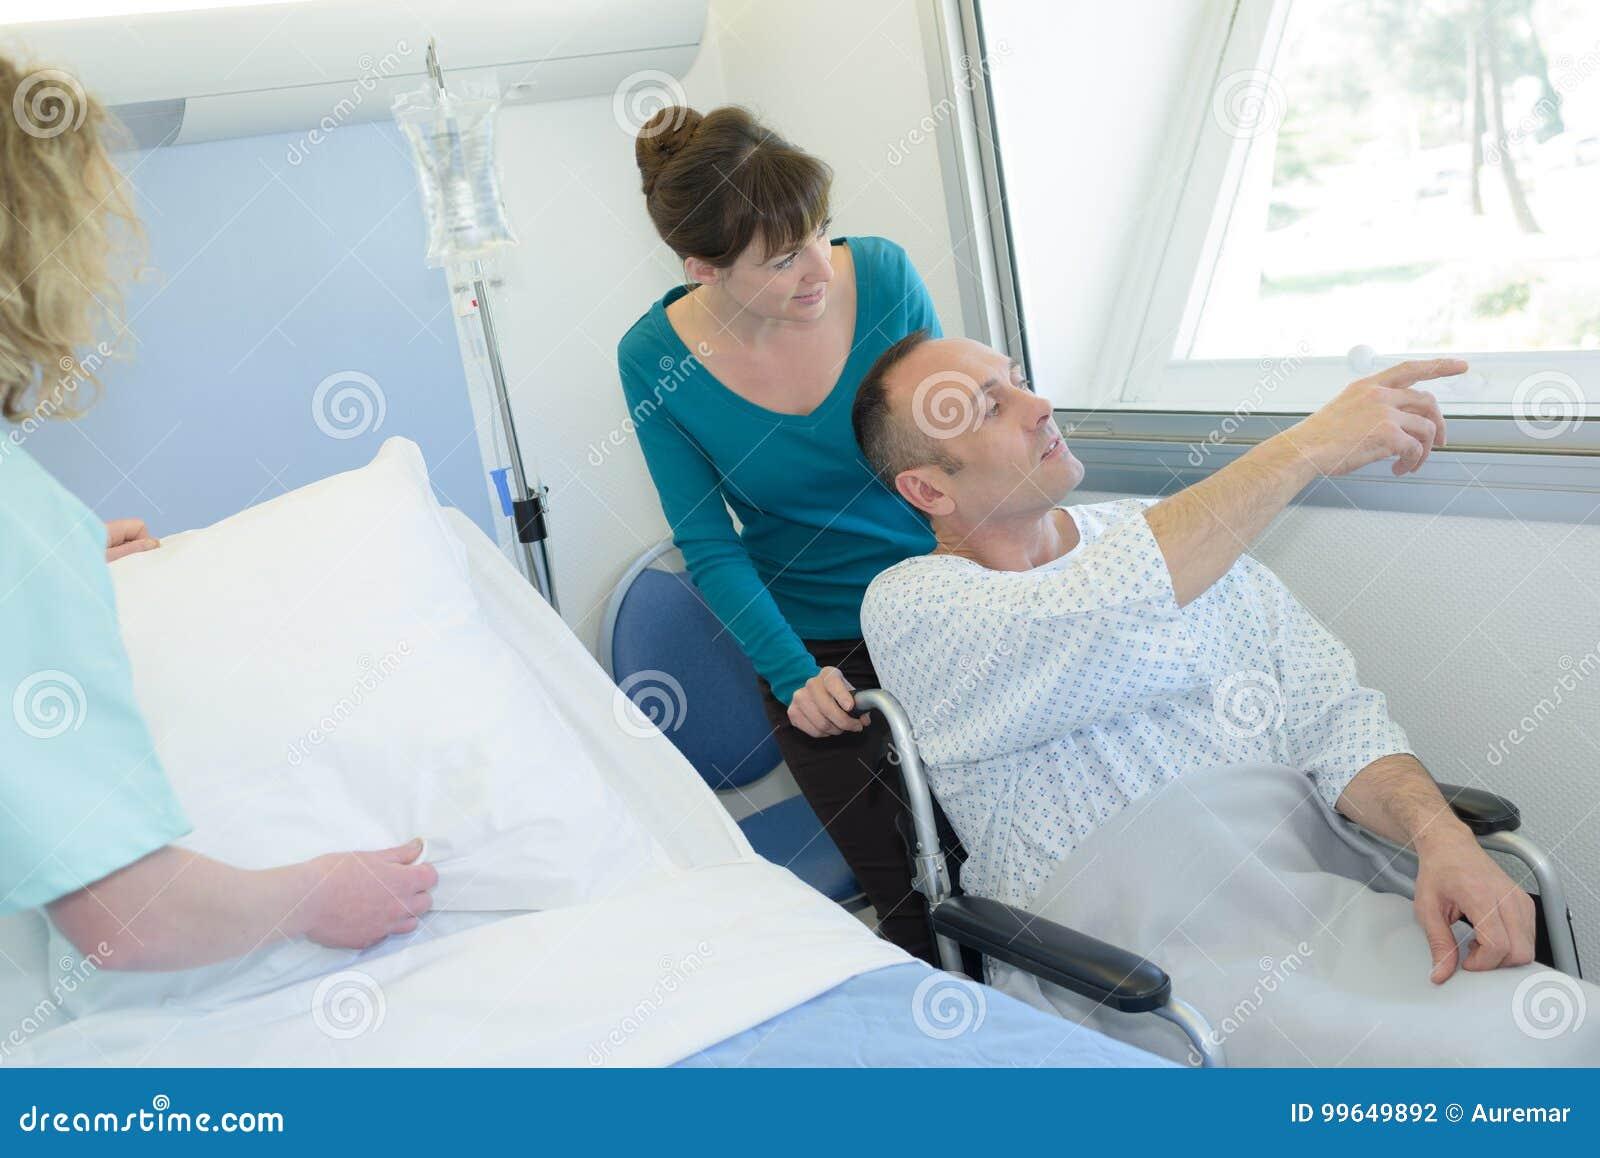 Fuera En De Hombre Silla Hospital La Señala Enfermo Ruedas Que hsQtrd